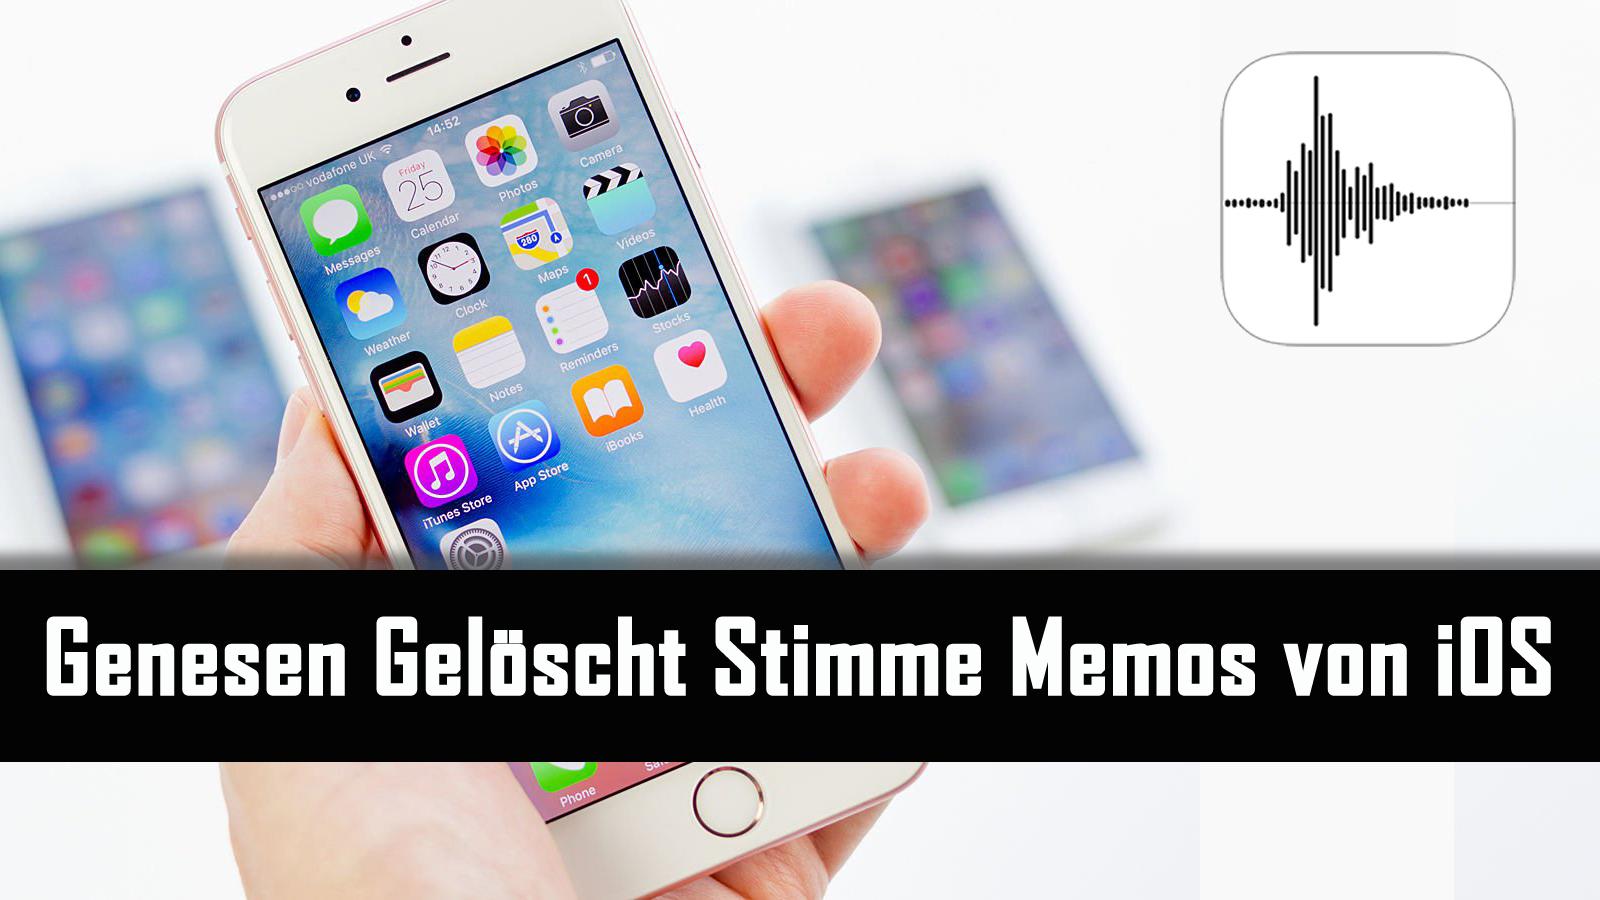 Genesen Gelöscht Stimme Memos von iOS